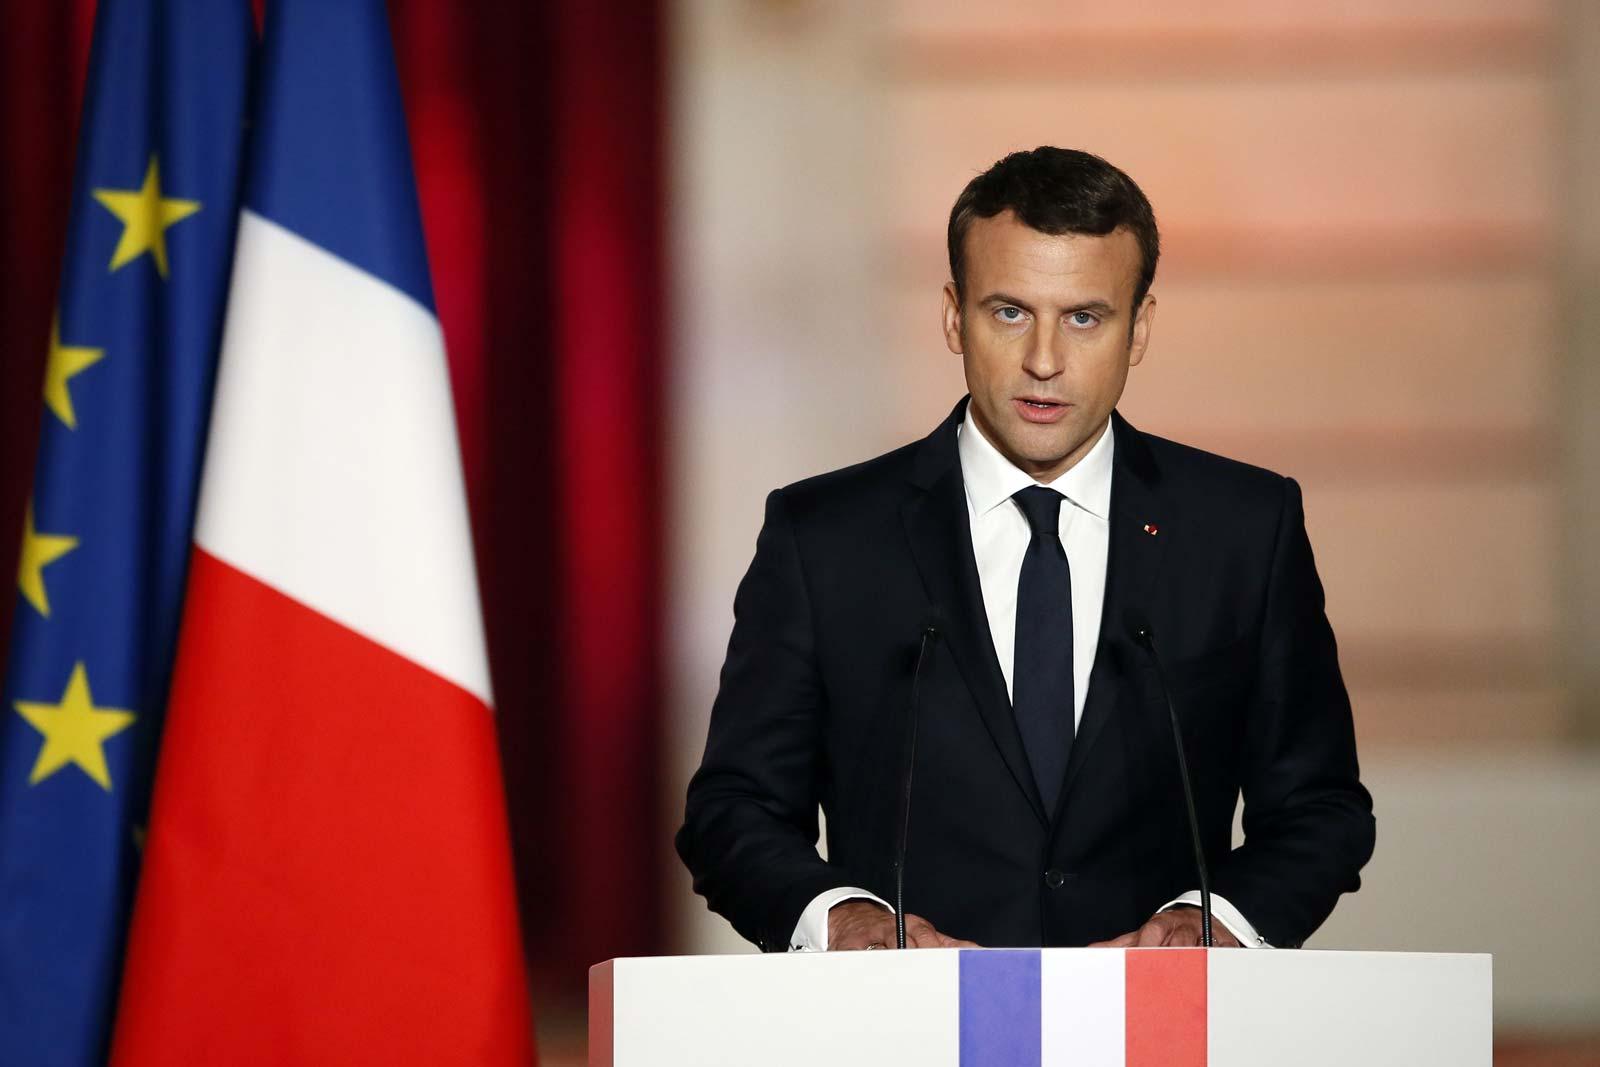 Γαλλία: Πολίτης χαστούκισε τον Εμανουέλ Μακρόν κατά τη διάρκεια προεκλογικής περιοδίας